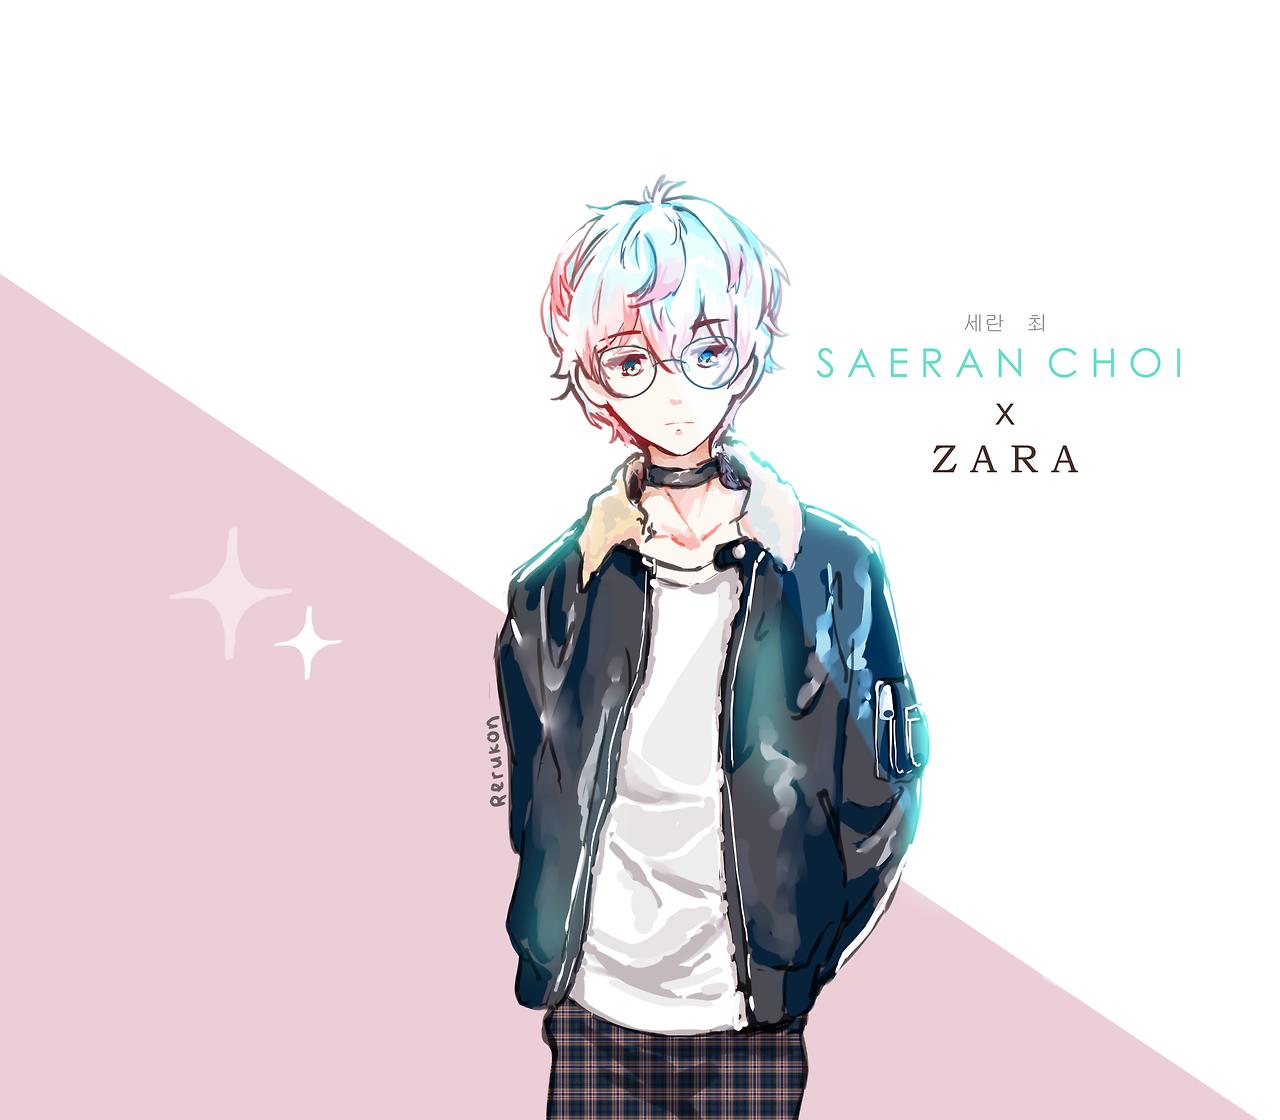 れるこん — kawaii edgy boy in casual clothes and glasses he